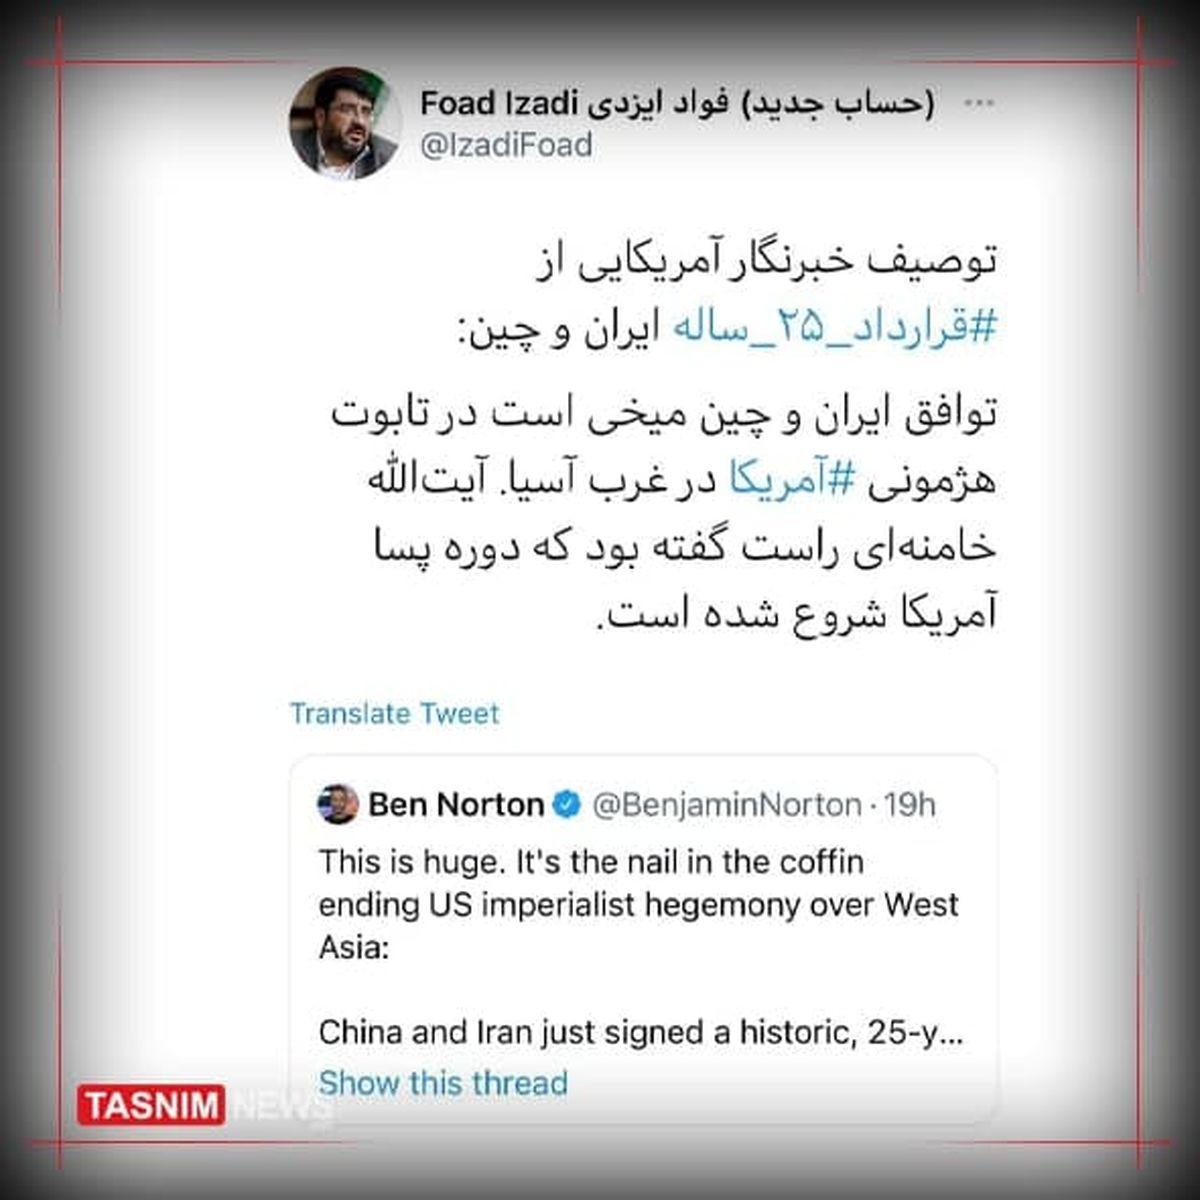 توصیف خبرنگار آمریکایی از توافق ایران و چین +عکس